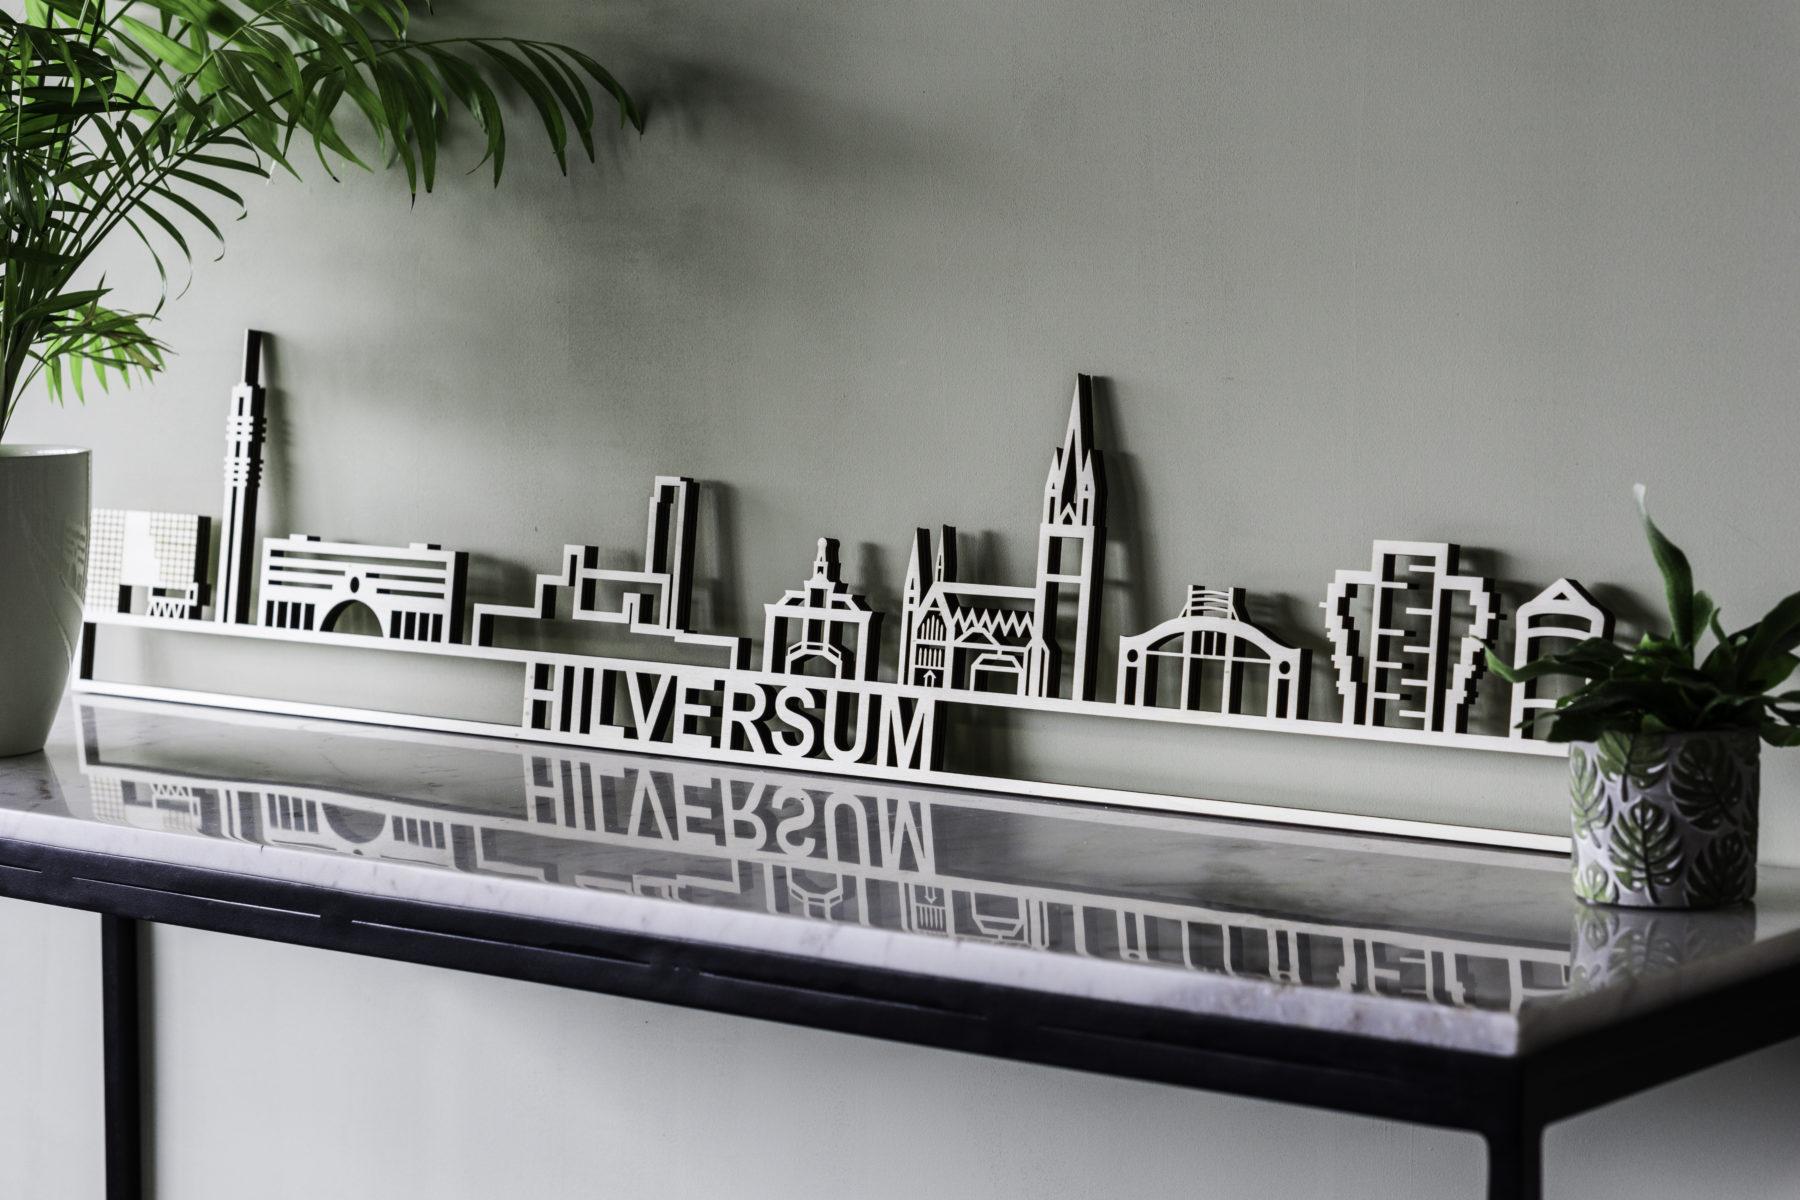 Skyline Hilversum hout